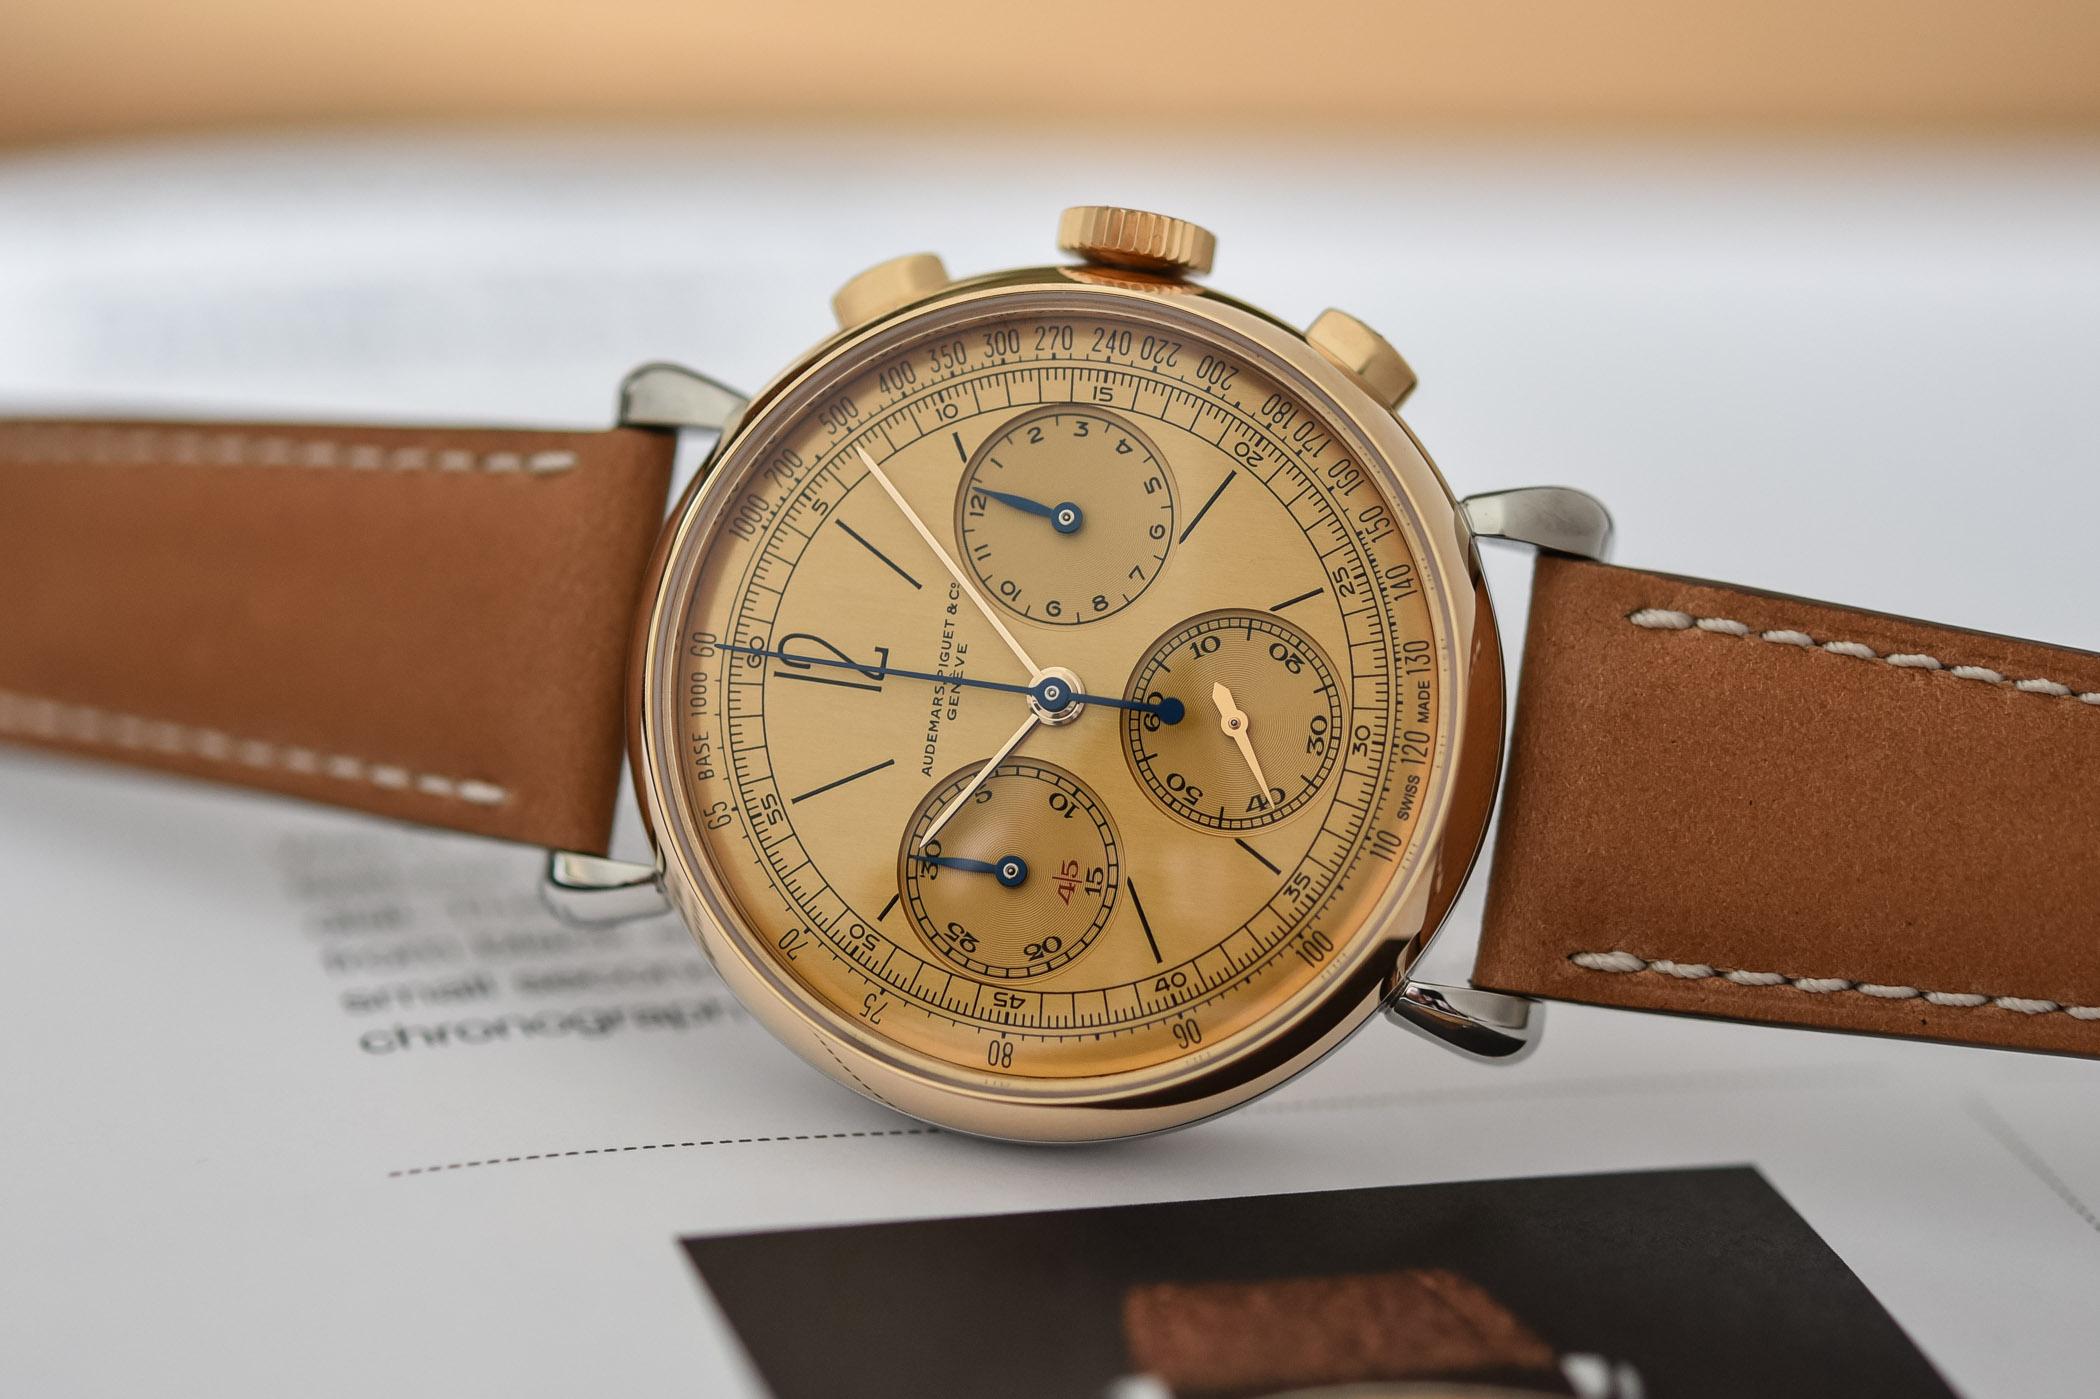 Audemars Piguet [Re]master01 Selfwinding Chronograph 26595SR-OO-A032VE-01